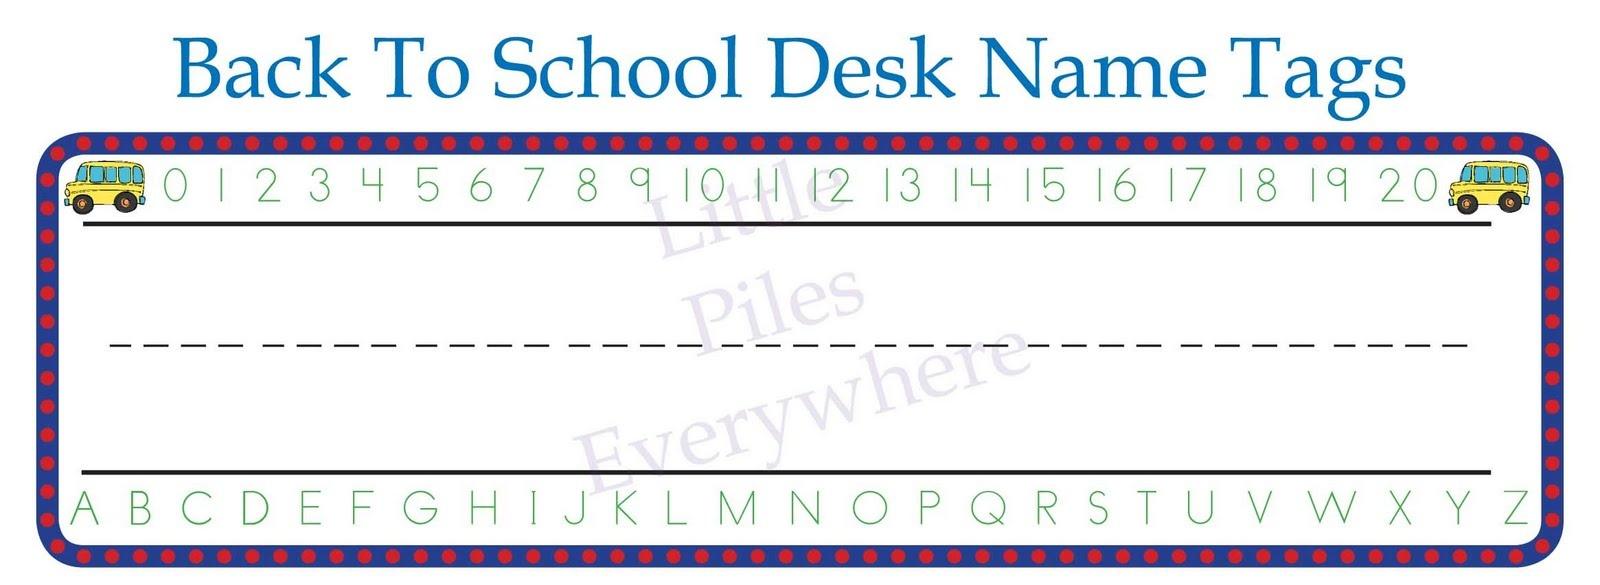 Free Printable Name Tags For Classroom Desks - Hostgarcia - Free Printable Name Tags For School Desks